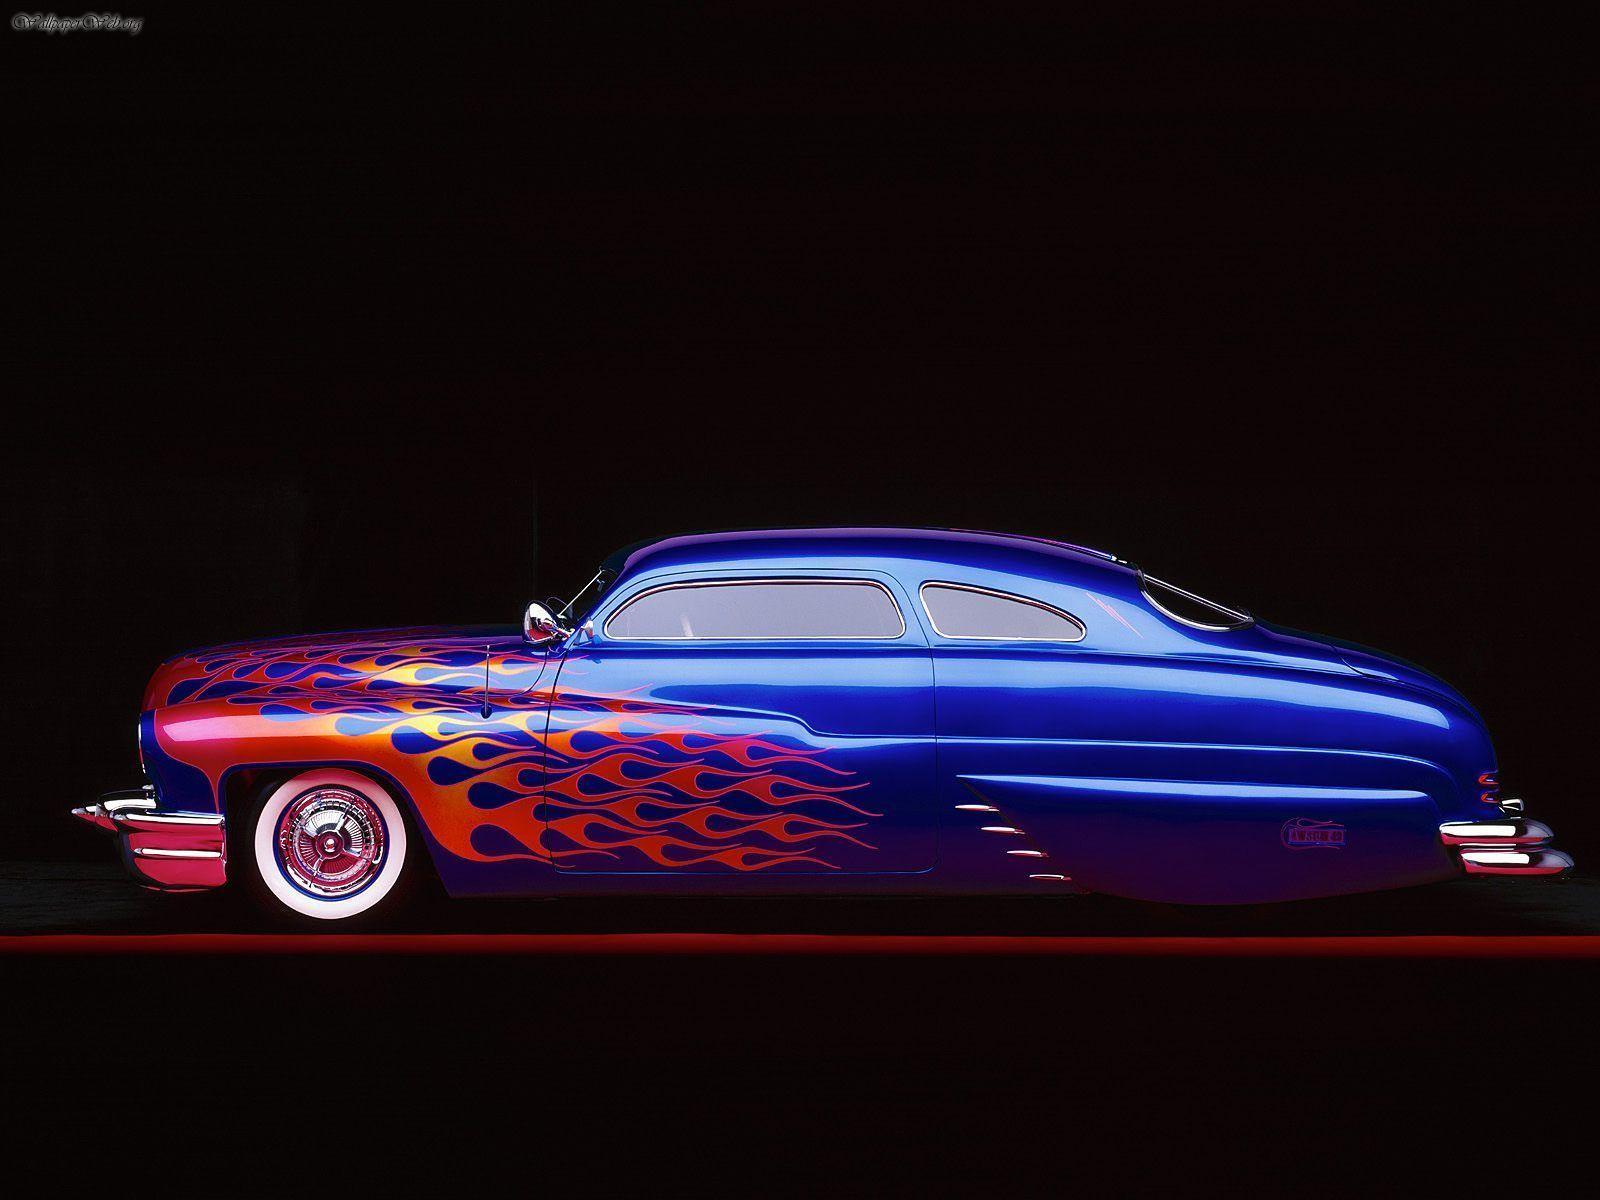 Wallpaper Hot Rod Lamborghini 2018 - Carina